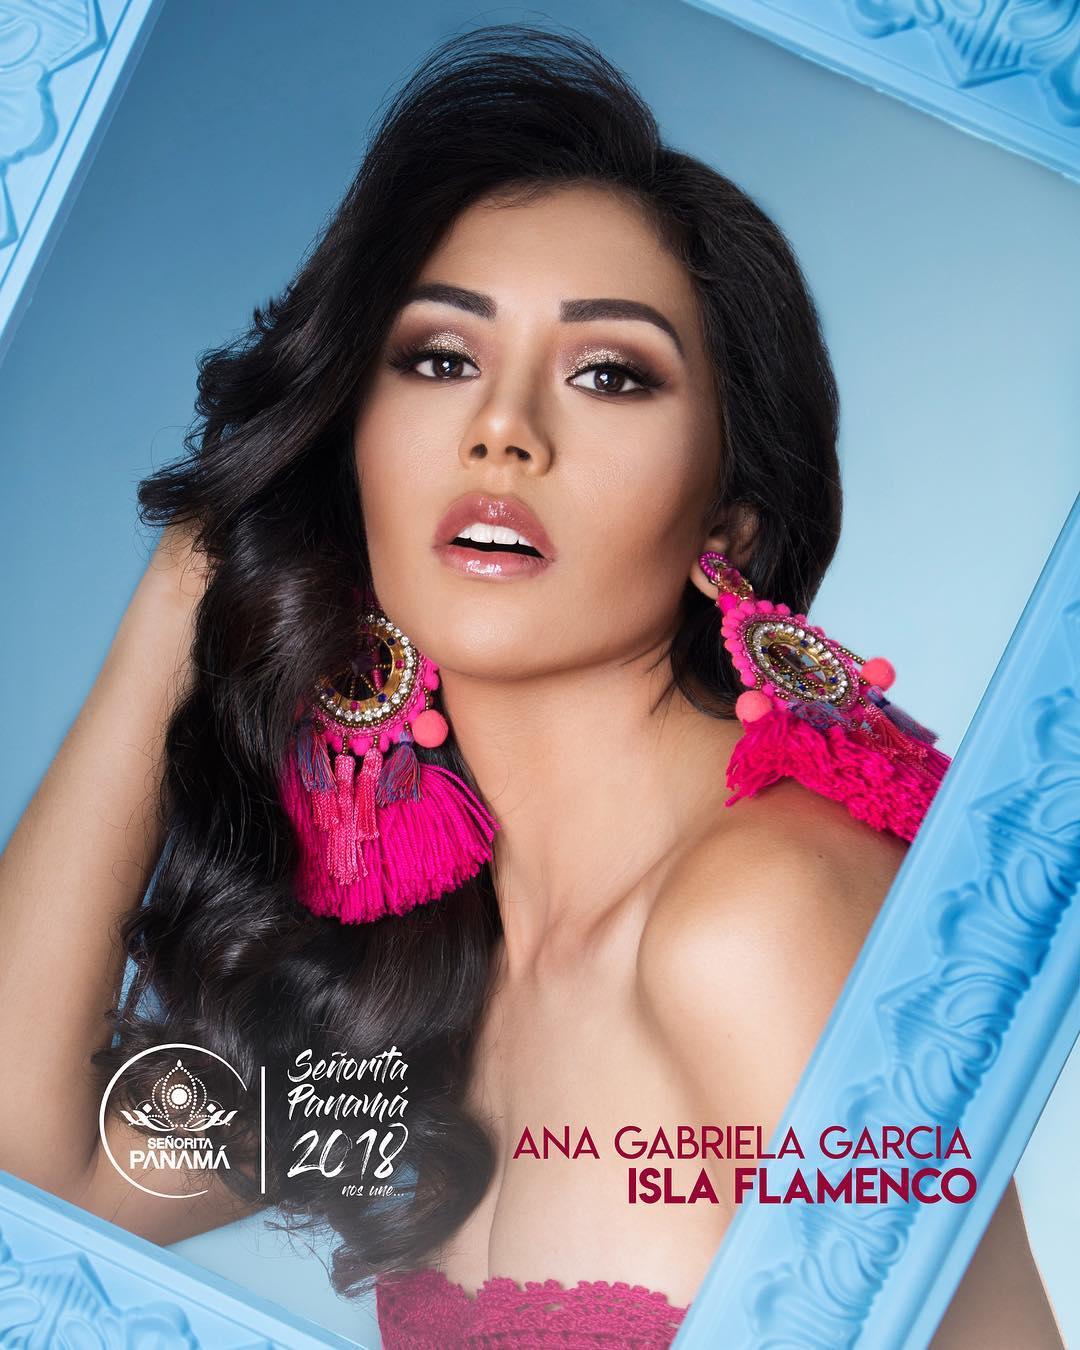 señorita miss colombia 2018 candidates candidatas contestants delegates Miss Isla Flamenco Ana Gabriela García